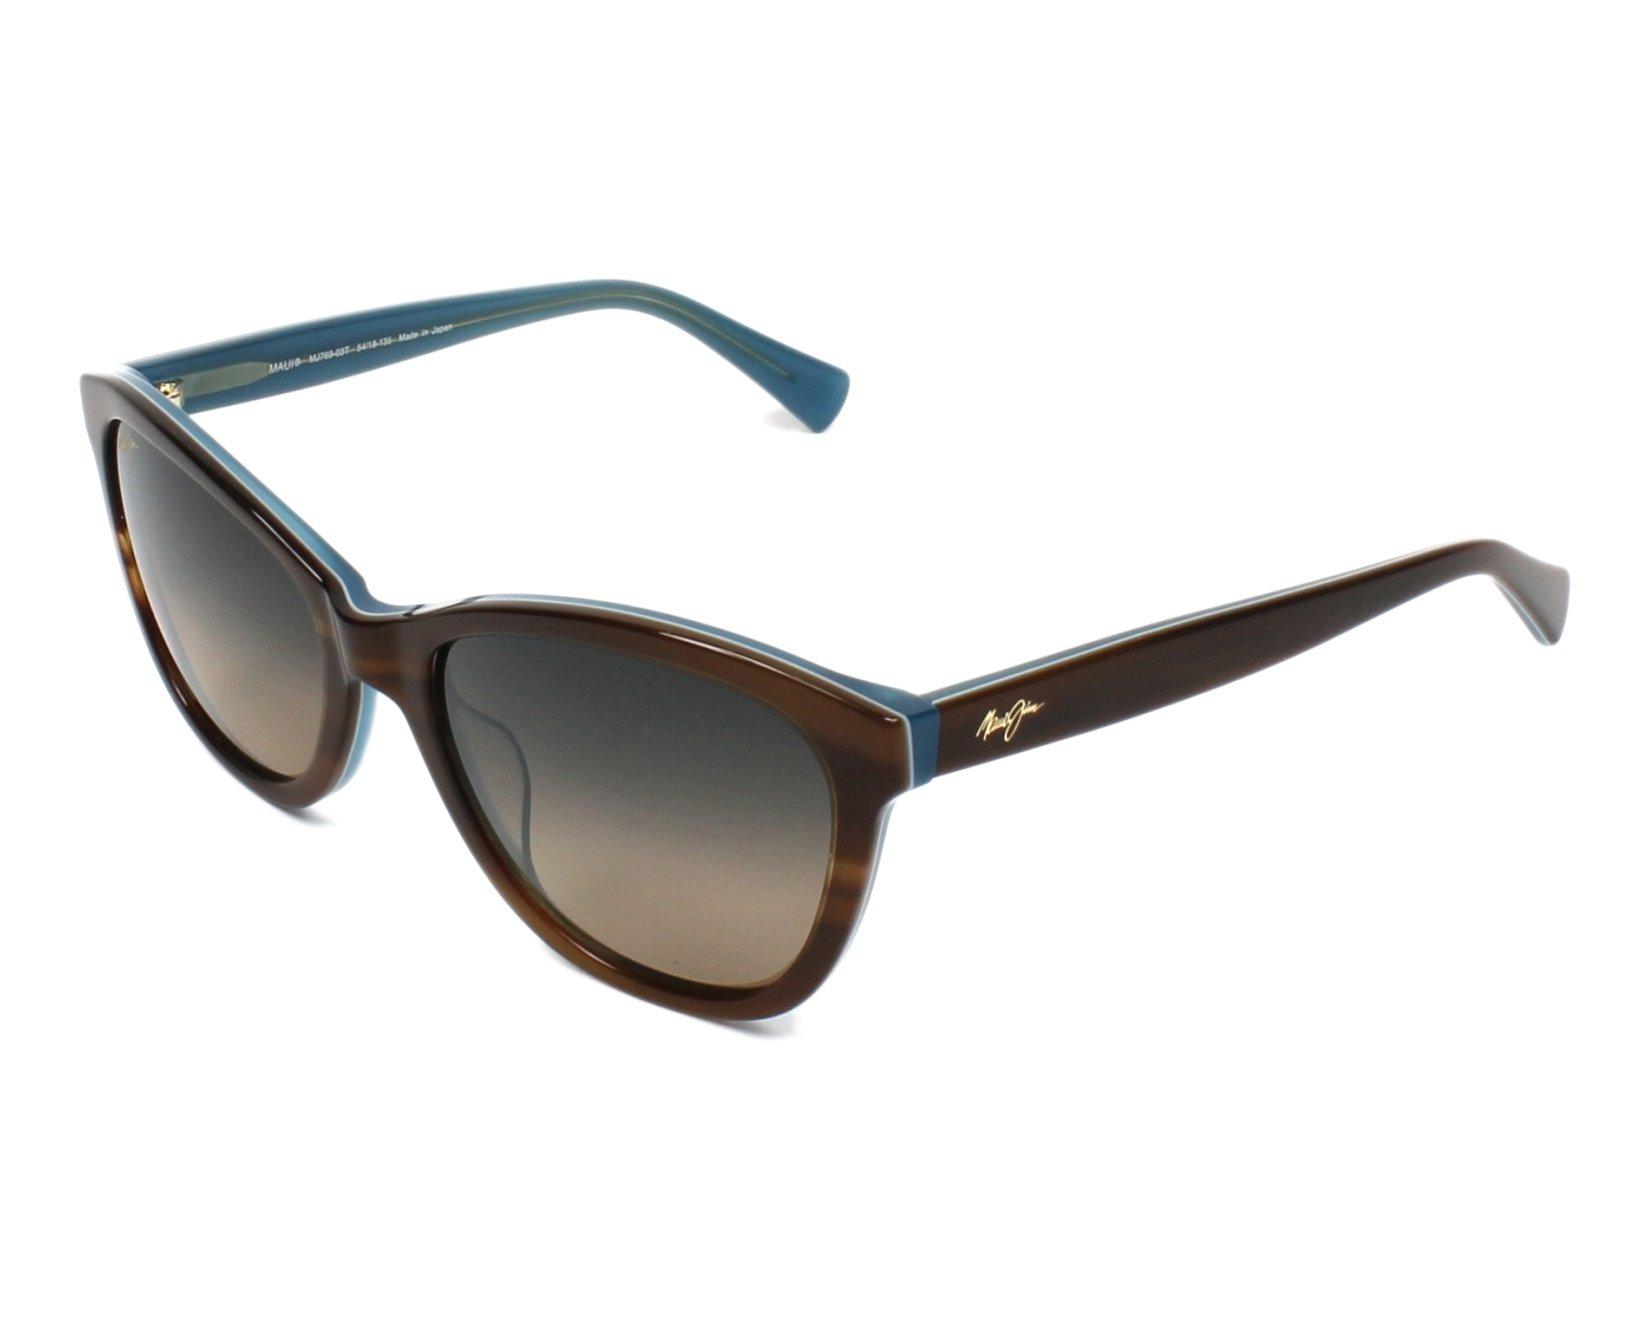 Lunettes de soleil maui jim hs 769 03t havane avec des verres gris pour femmes - Verre lunette raye assurance ...